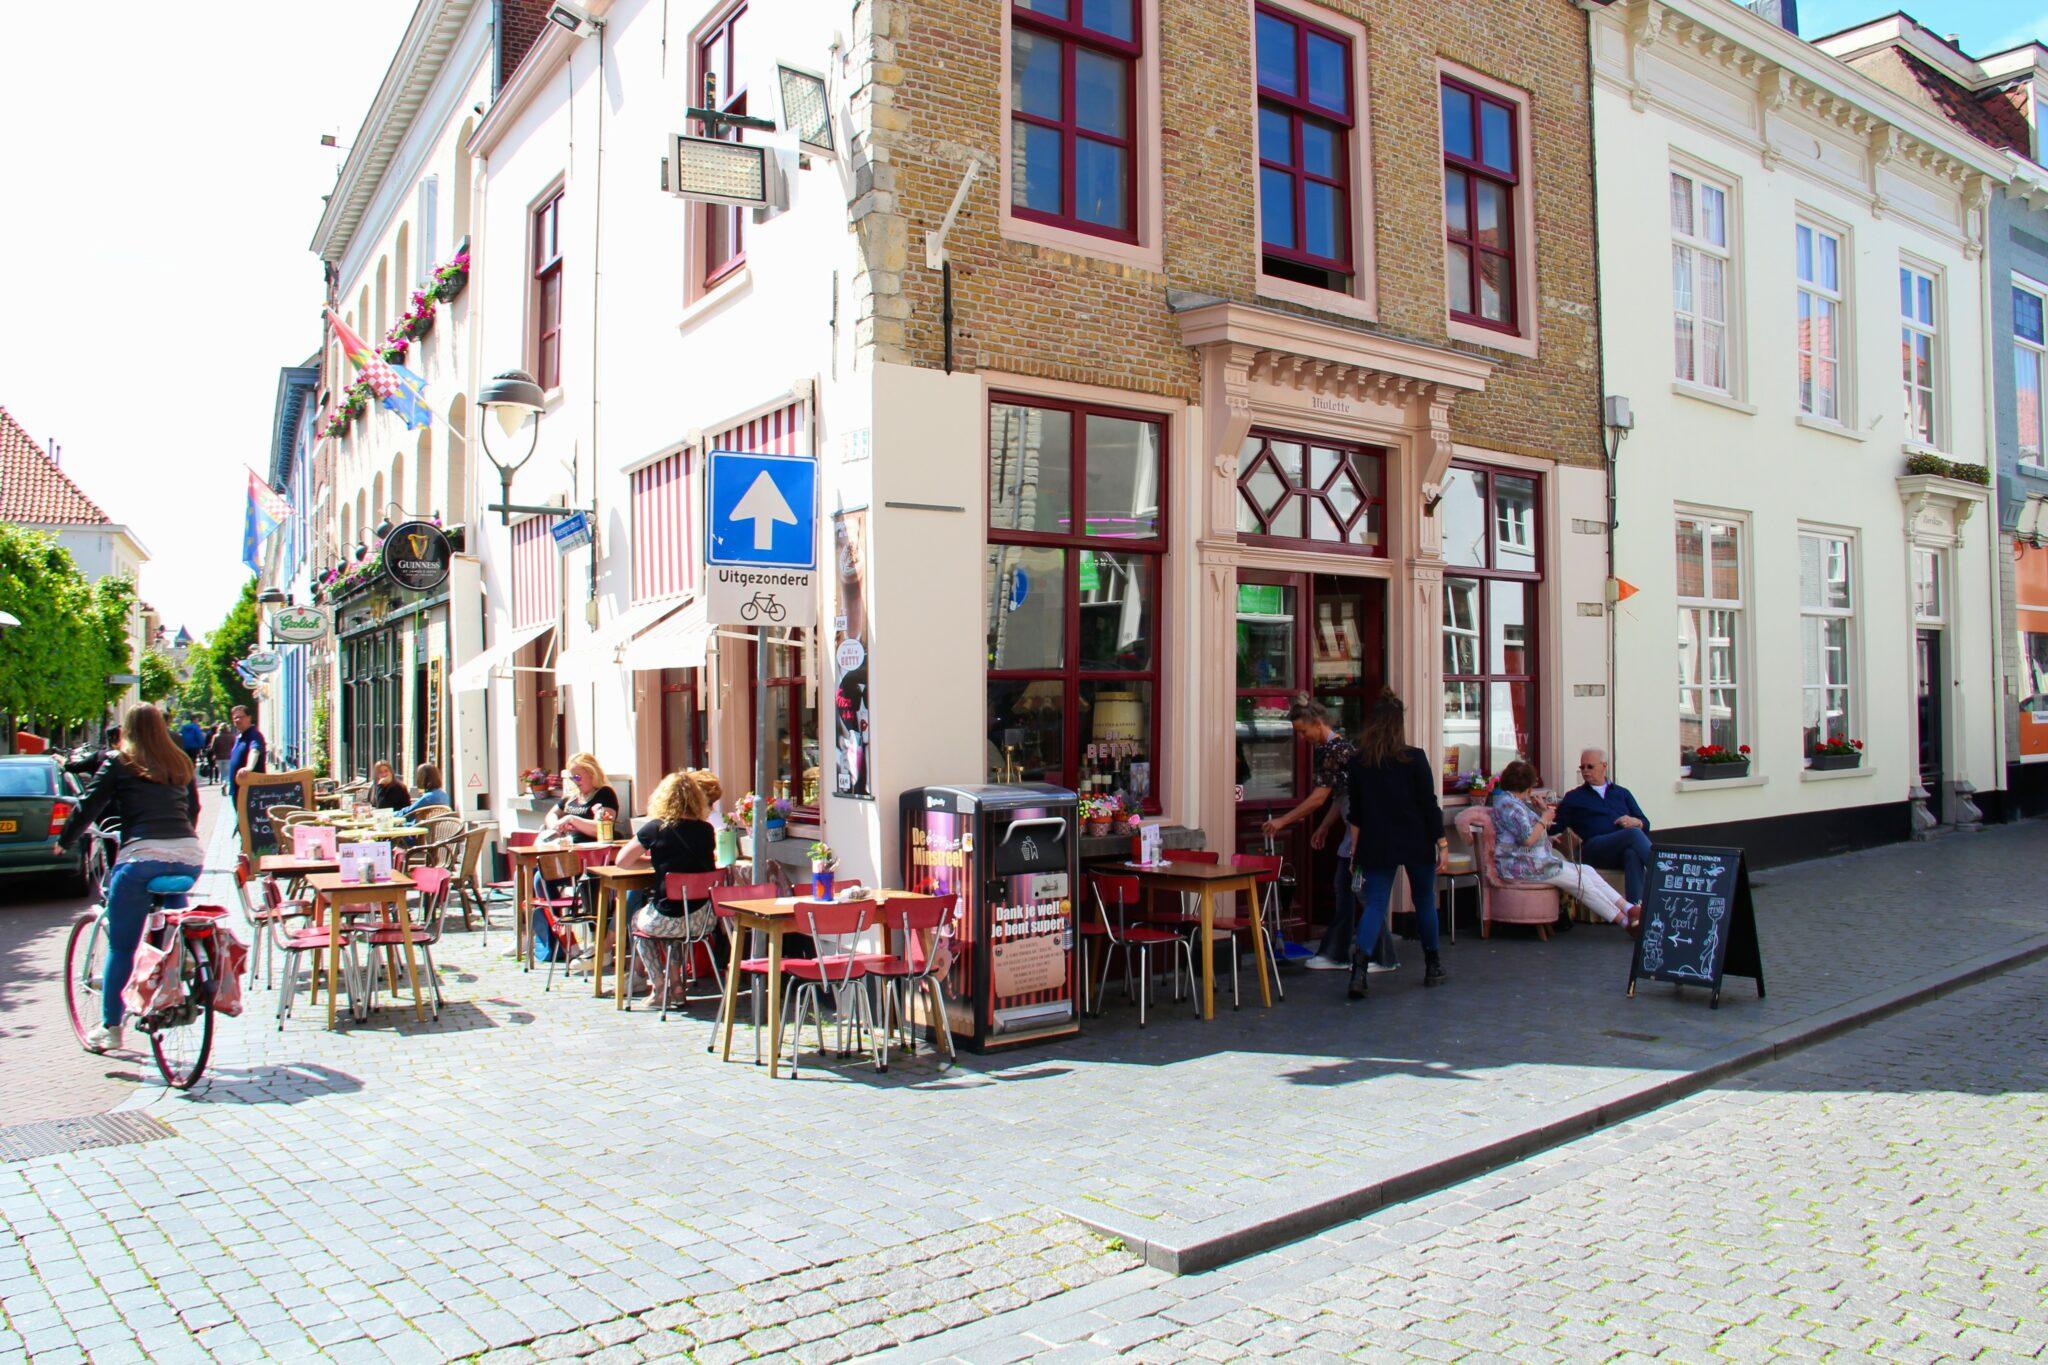 nieuw italiaanse restaurant bergen op zoom Bij Betty - Beursplein - Steenbergsestraat